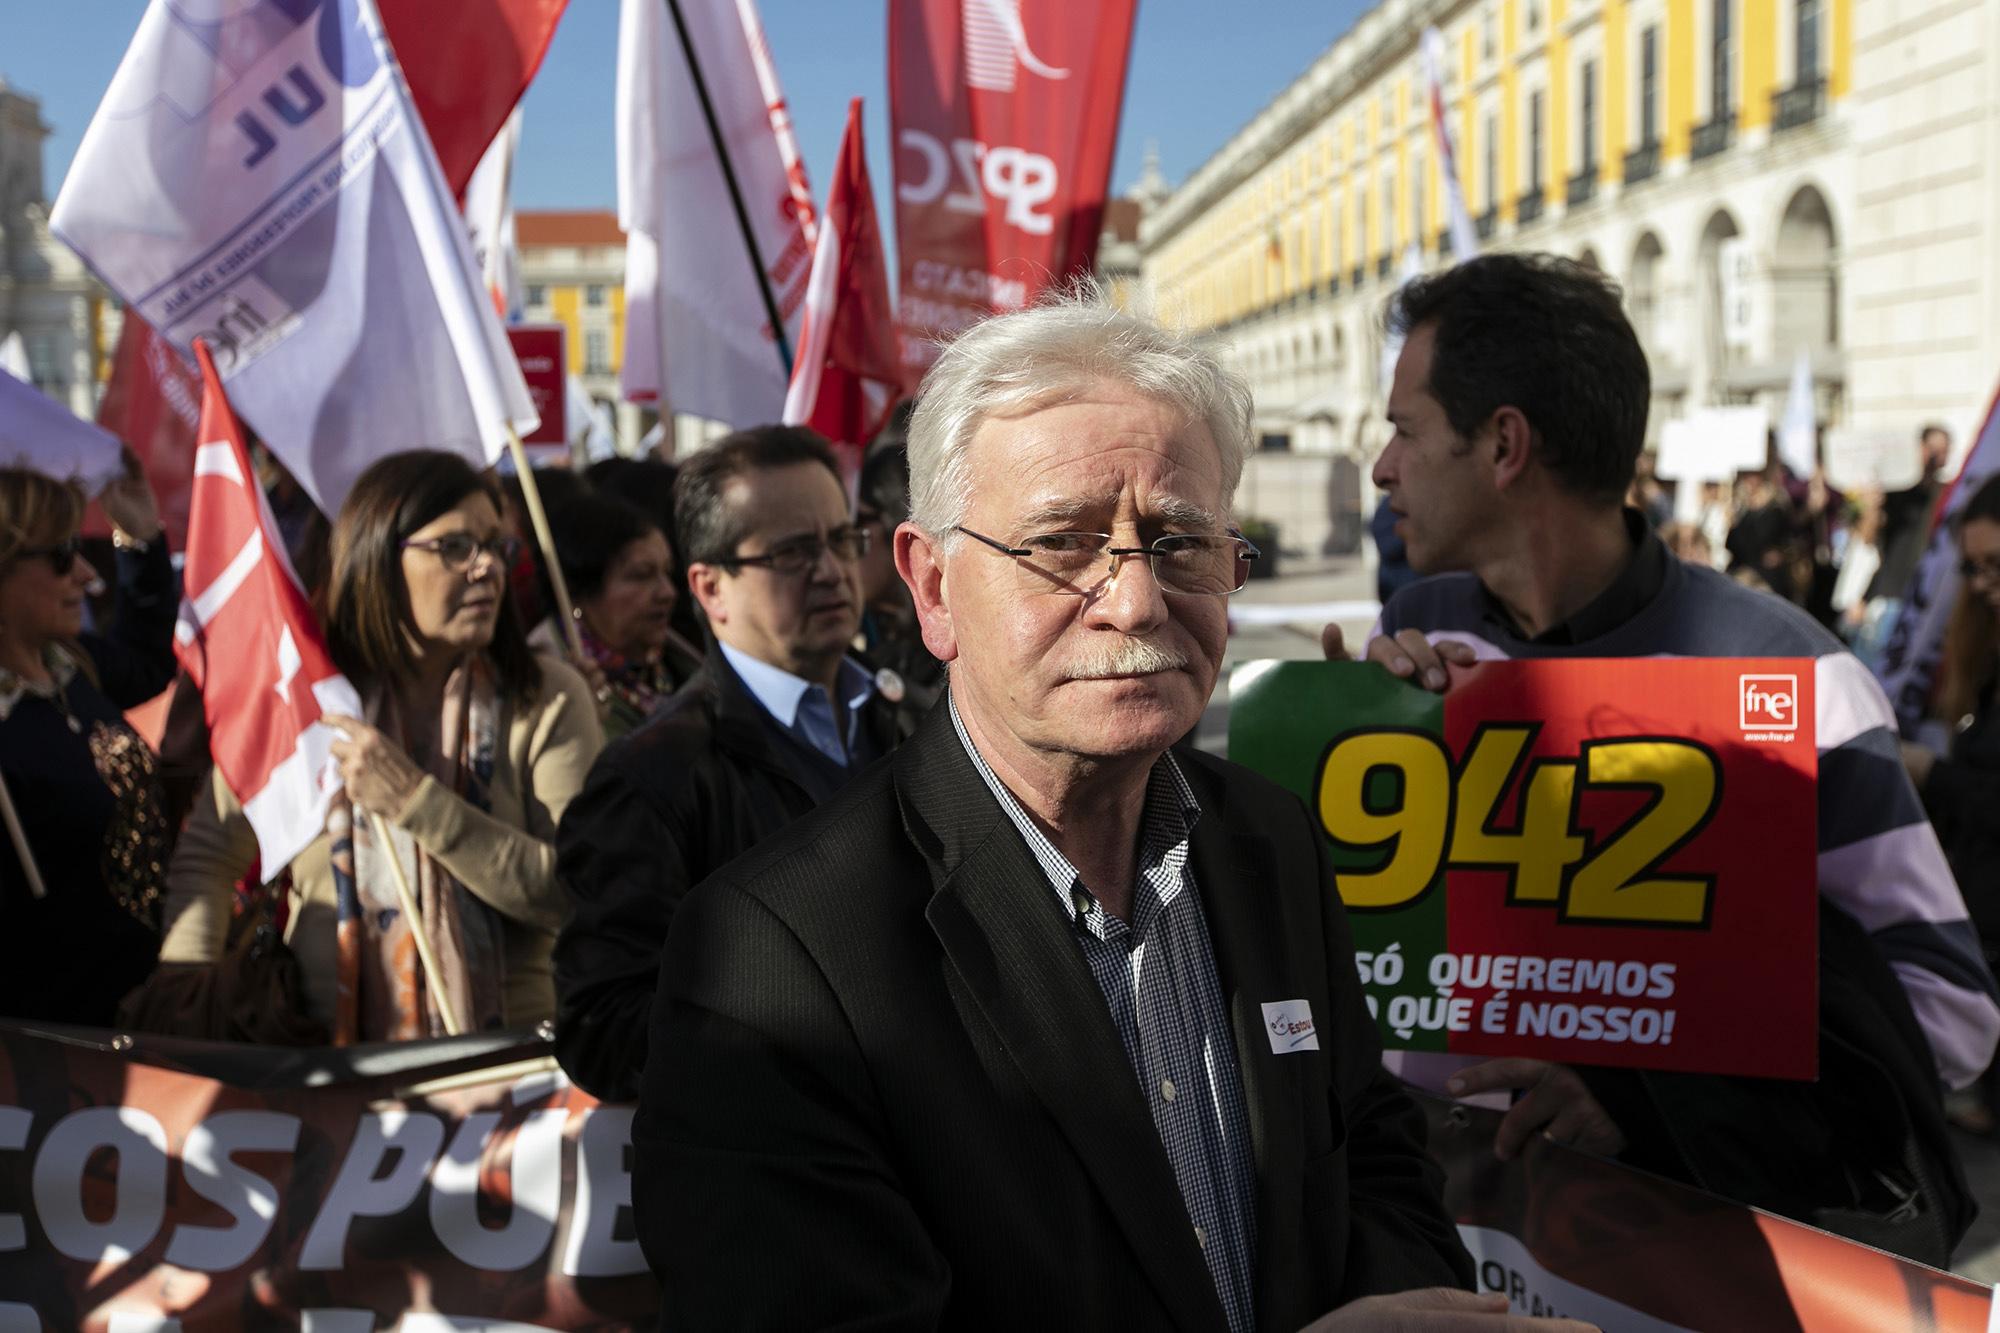 Início da greve de dois dias dos trabalhadores da Função Pública - 14FEV19